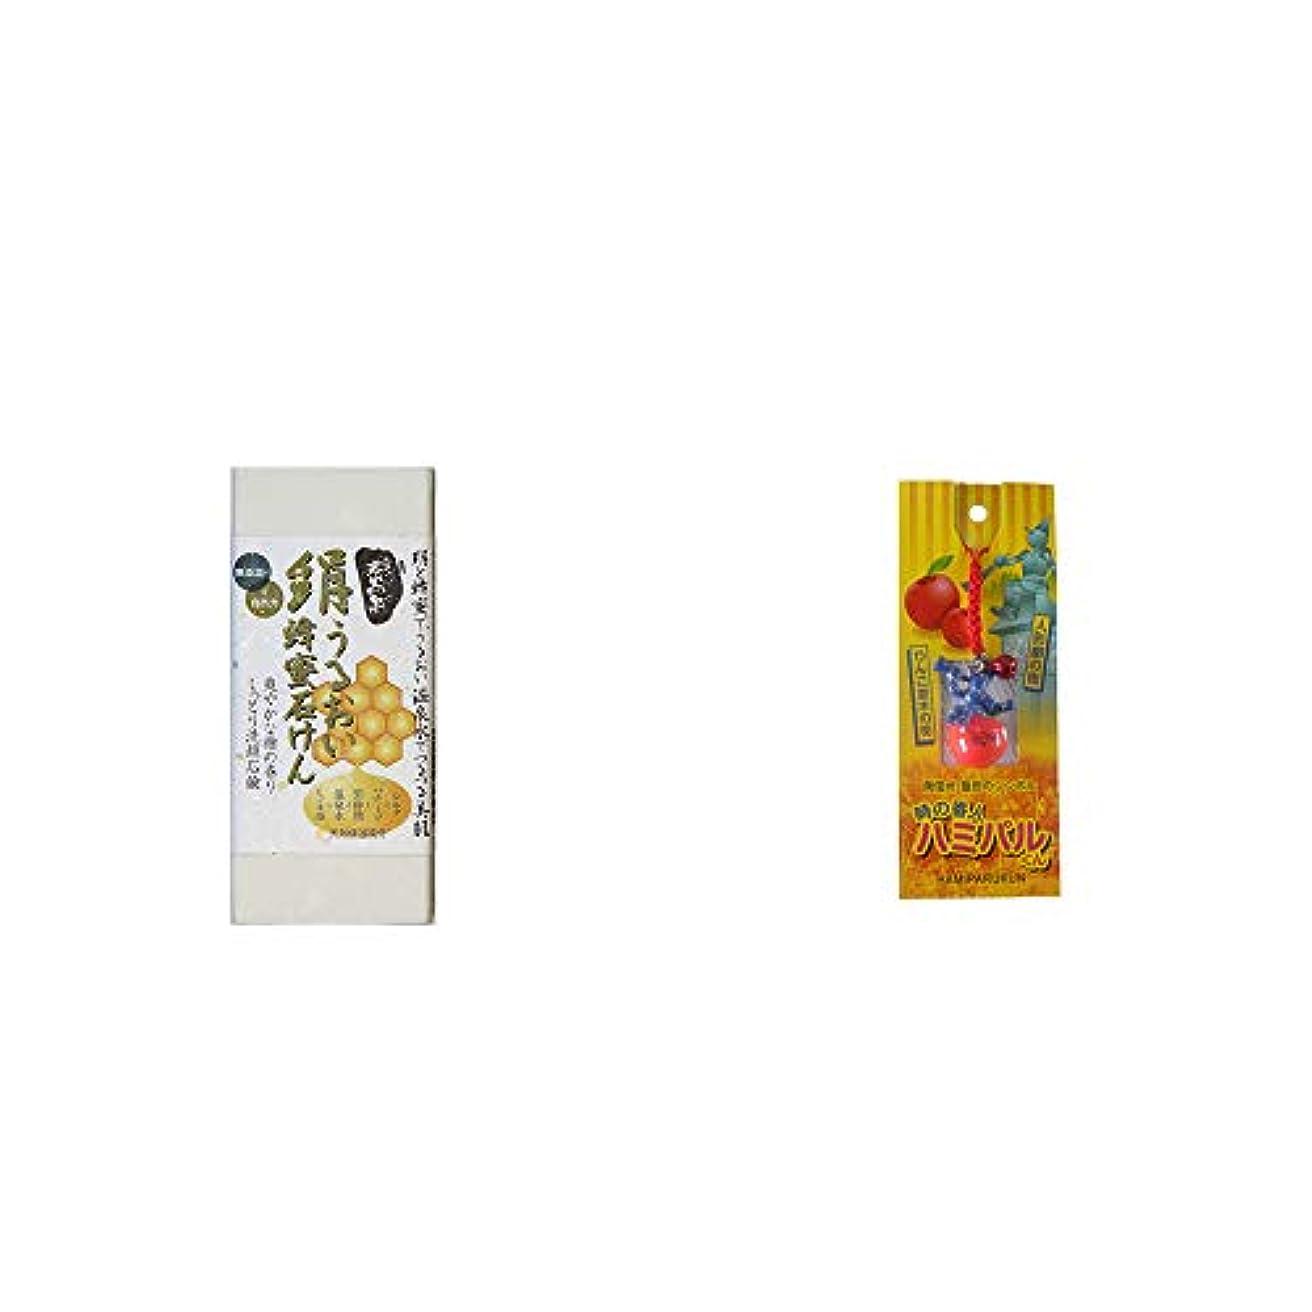 売る傷つける一生[2点セット] ひのき炭黒泉 絹うるおい蜂蜜石けん(75g×2)?信州?飯田のシンボル 時の番人ハミパルくんストラップ